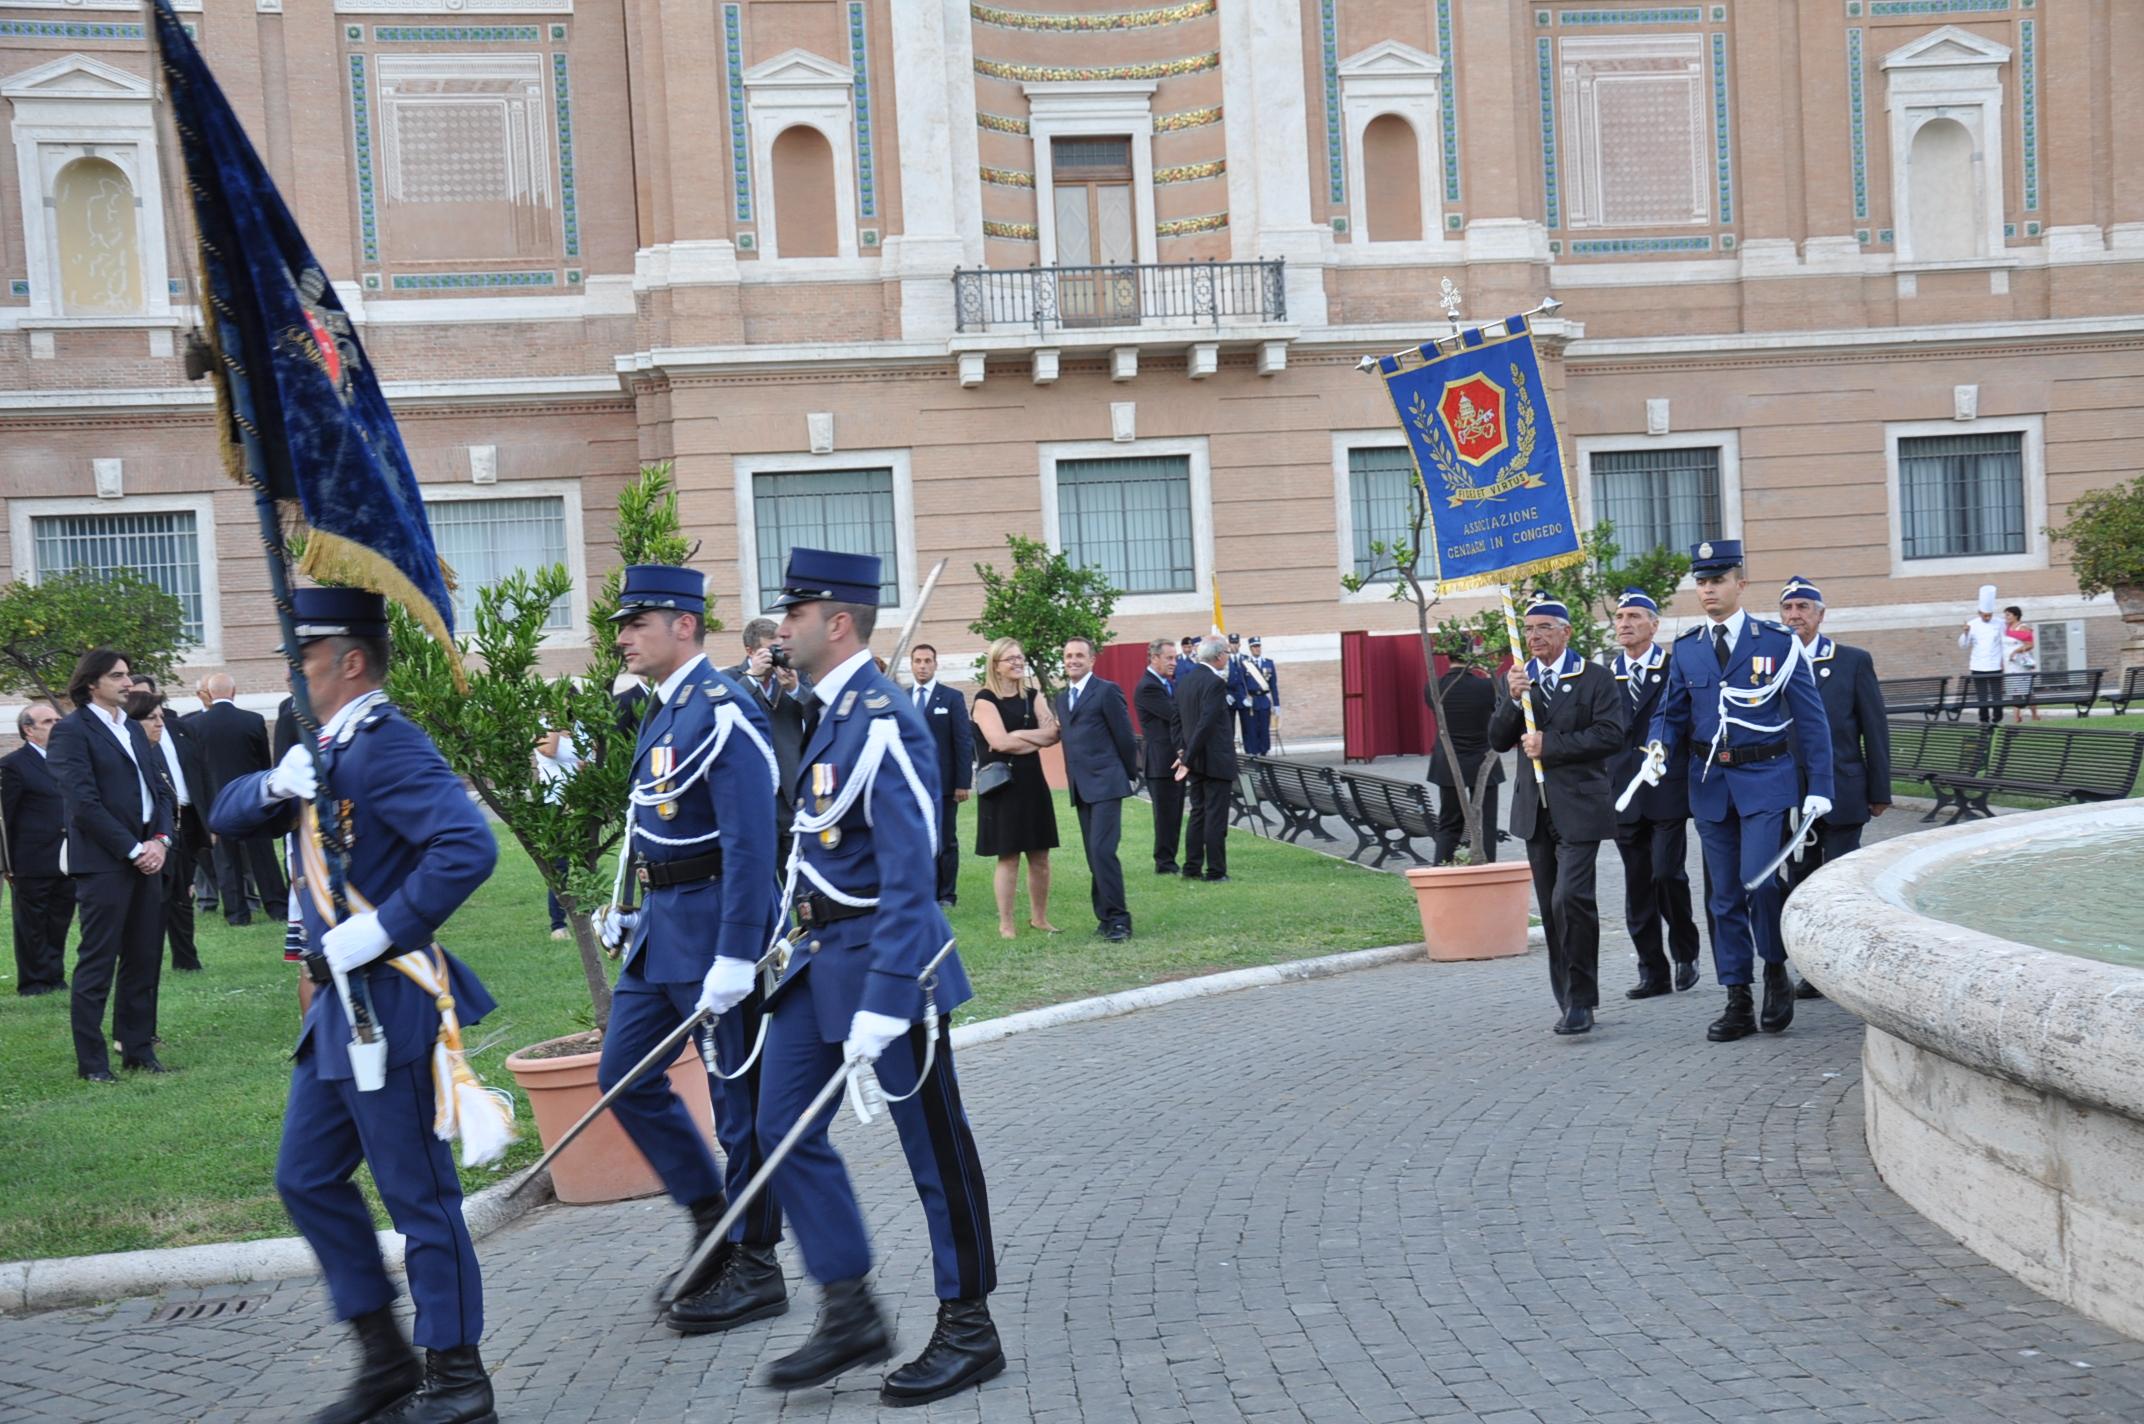 Vatican Gendarmery